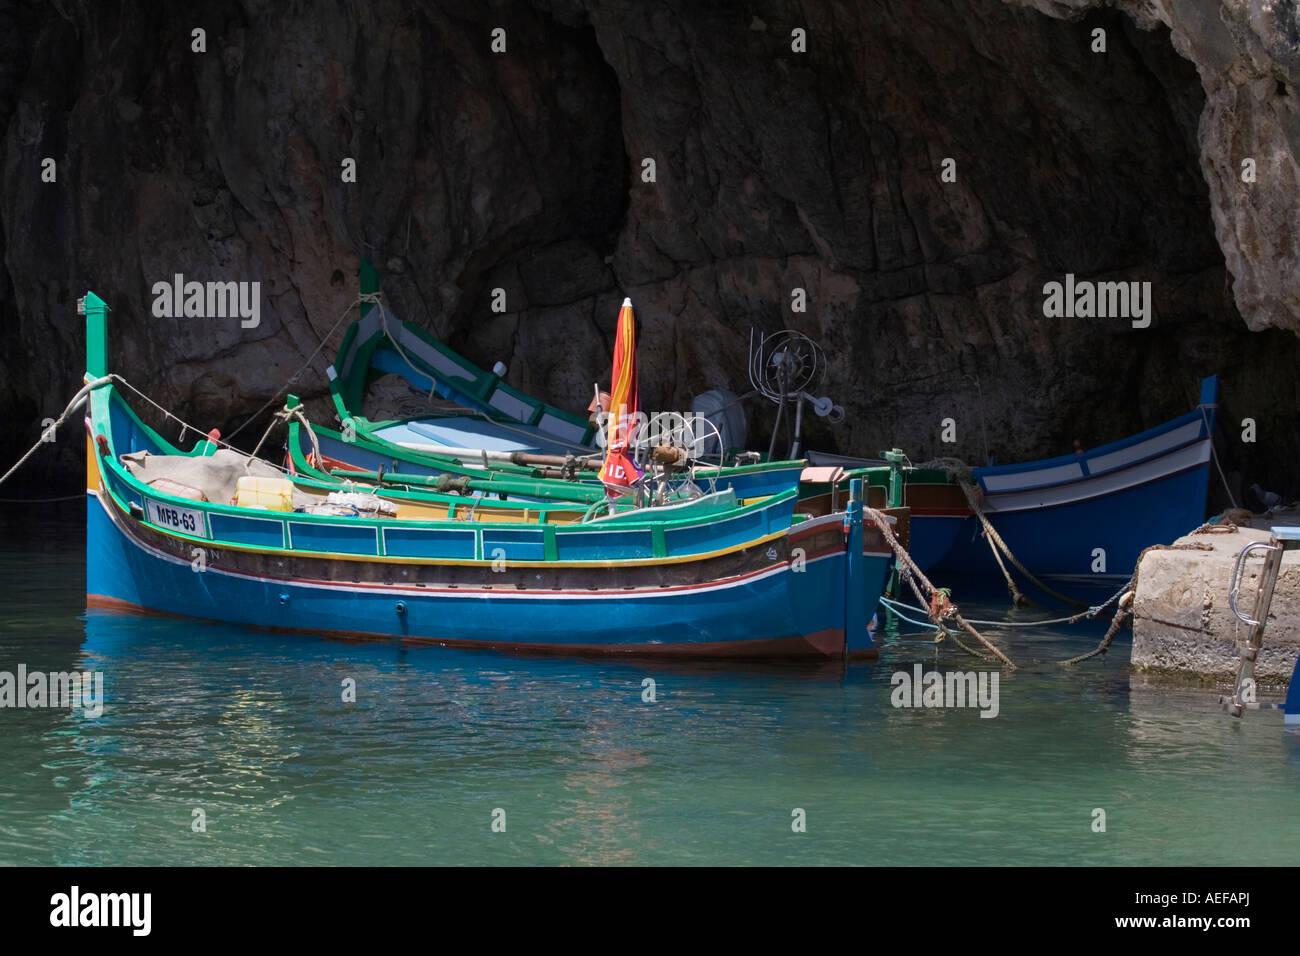 Barche da pesca maltesi del tipo luzzu ormeggiata in una Grotta di Xlendi, Gozo, Malta Immagini Stock